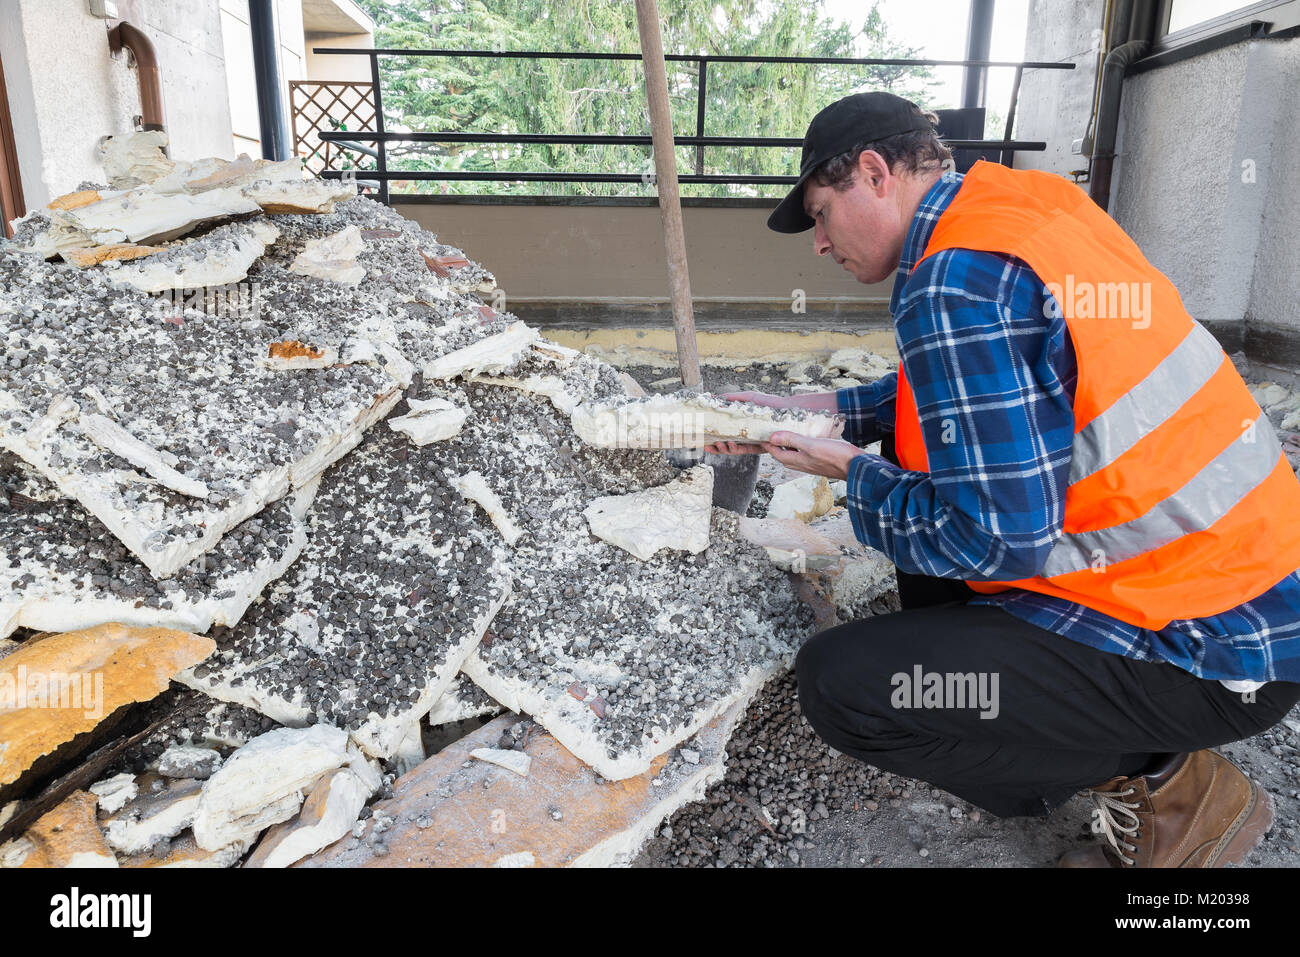 Accueil réparation. De vieux l'isolation (mousse de polyuréthane) supprimé pendant les travaux d'excavation d'un Banque D'Images